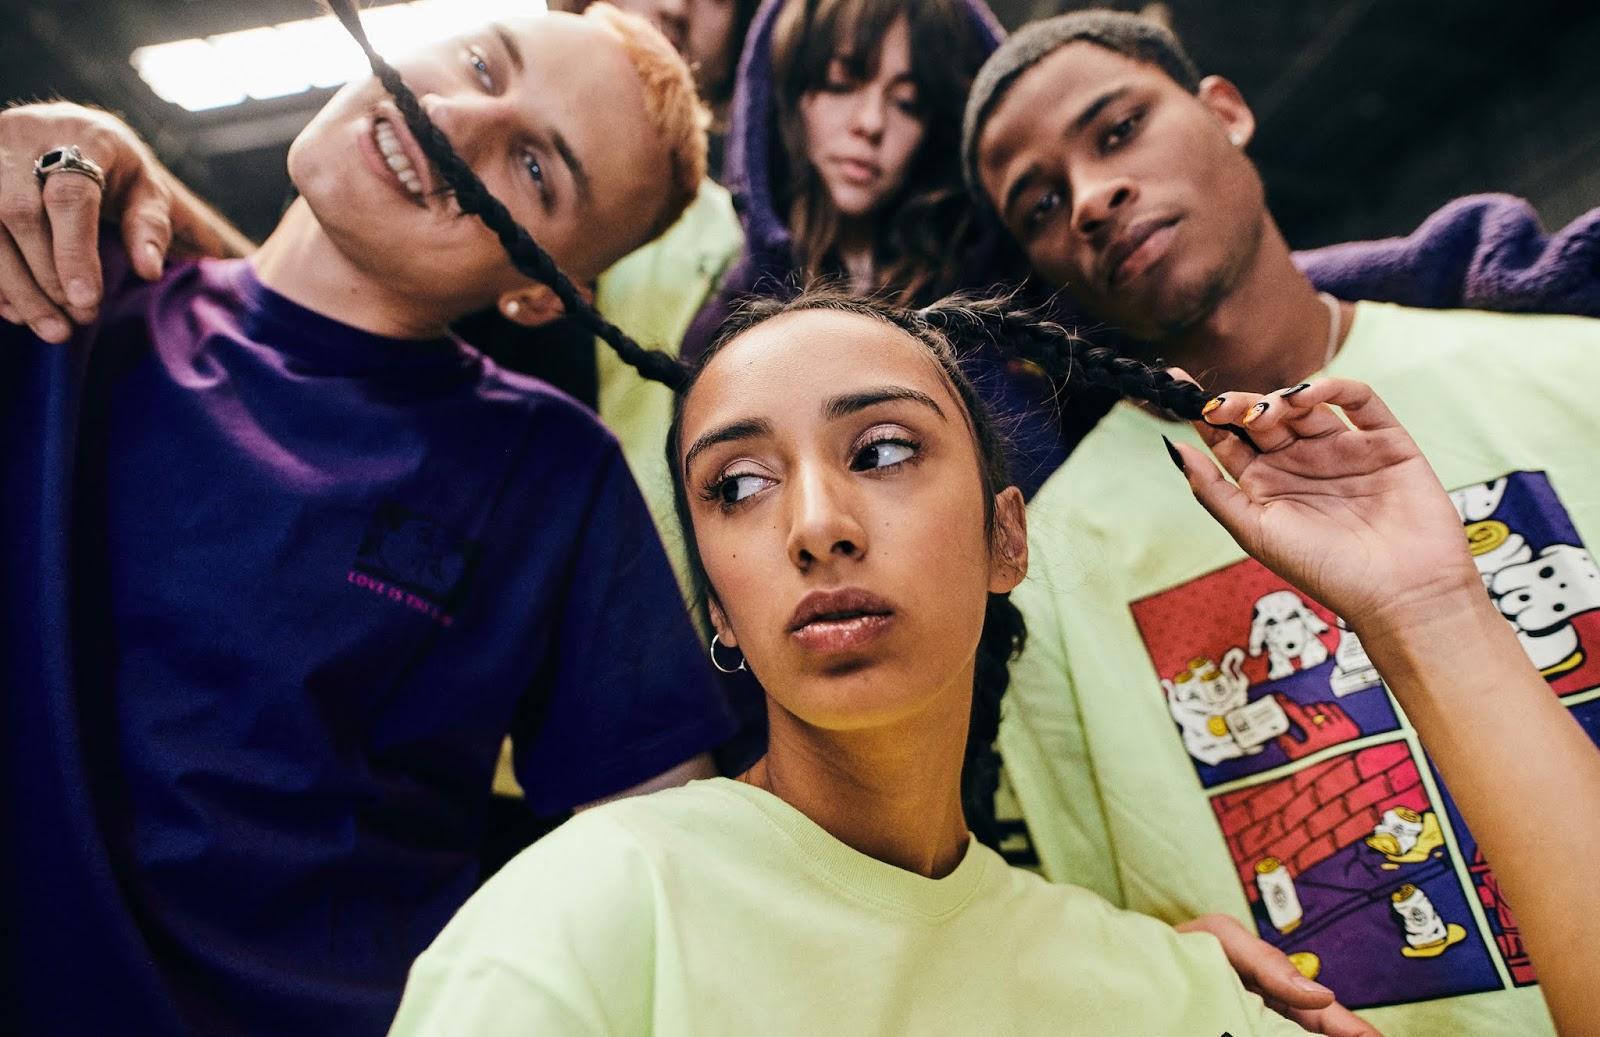 grupo de jóvenes con indumentaria de marca Below